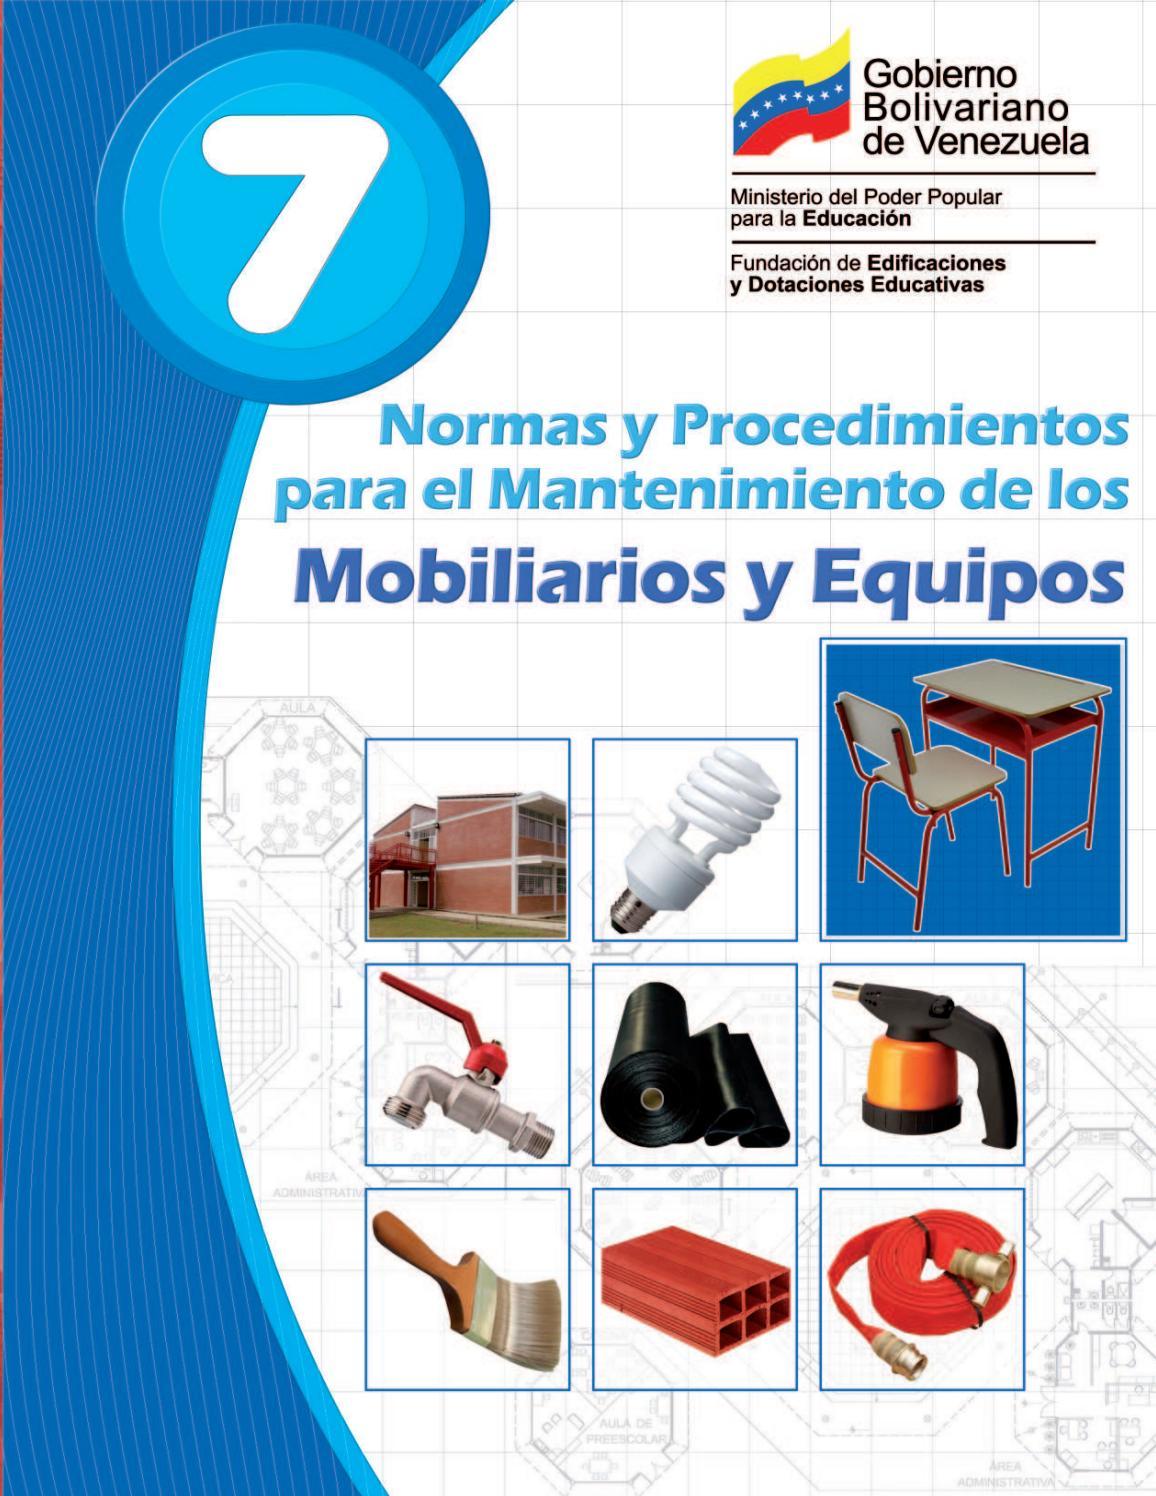 Manual De Mantenimiento 7 Mobiliario Y Equipo By Unomasalacola 1  # Muebles Fijos Especificaciones